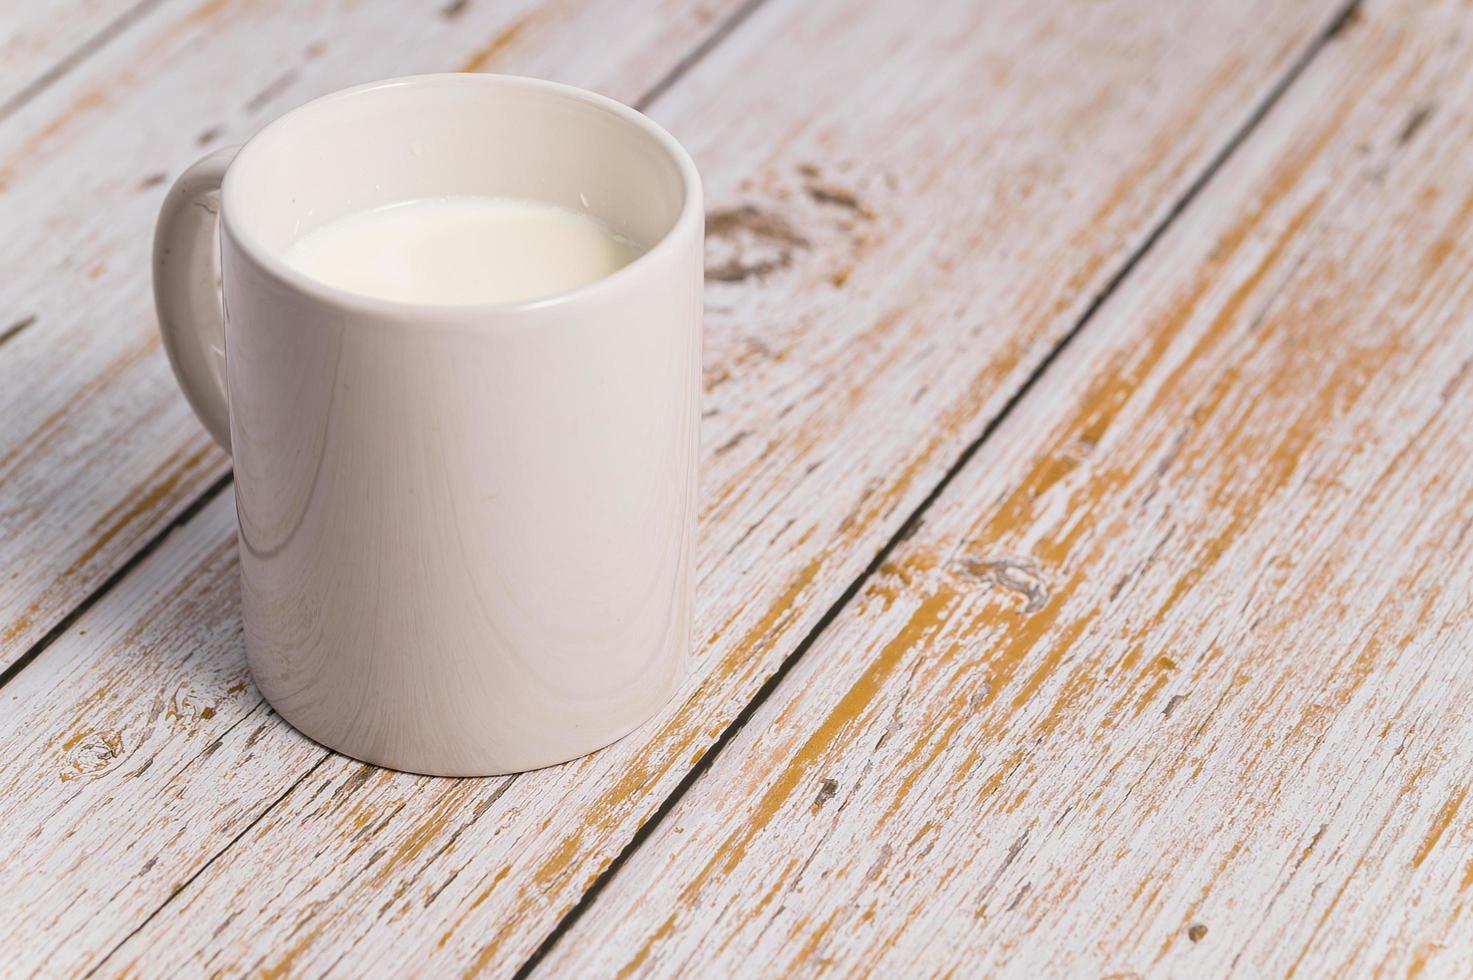 día mundial de la leche, beba leche saludable para un cuerpo fuerte foto